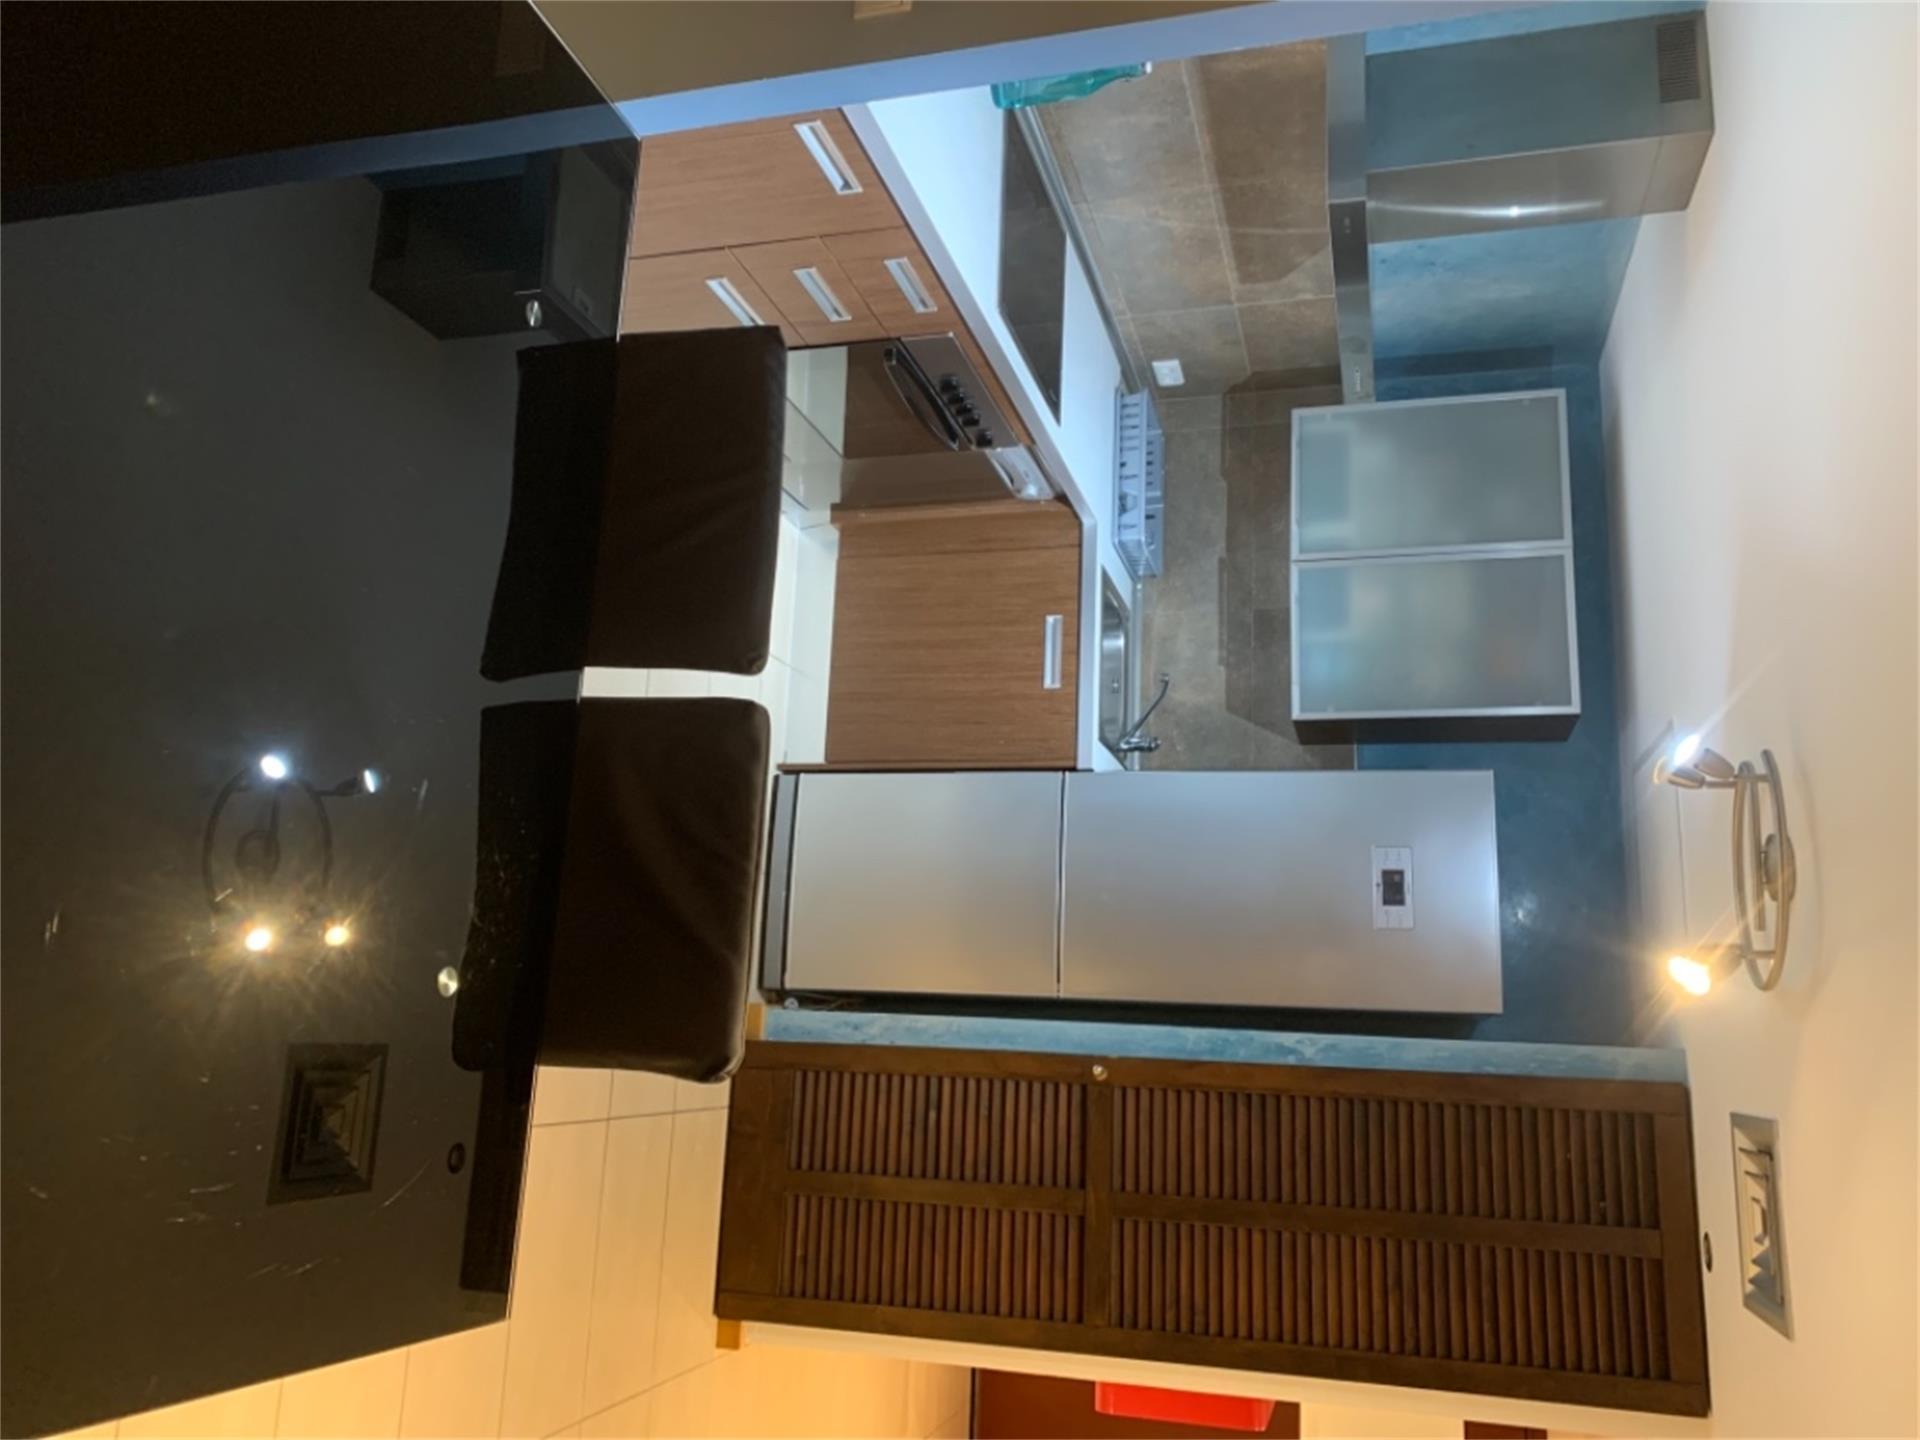 Affitto Duplex  Carrer palma. Vilafranca de bonany / carrer palma